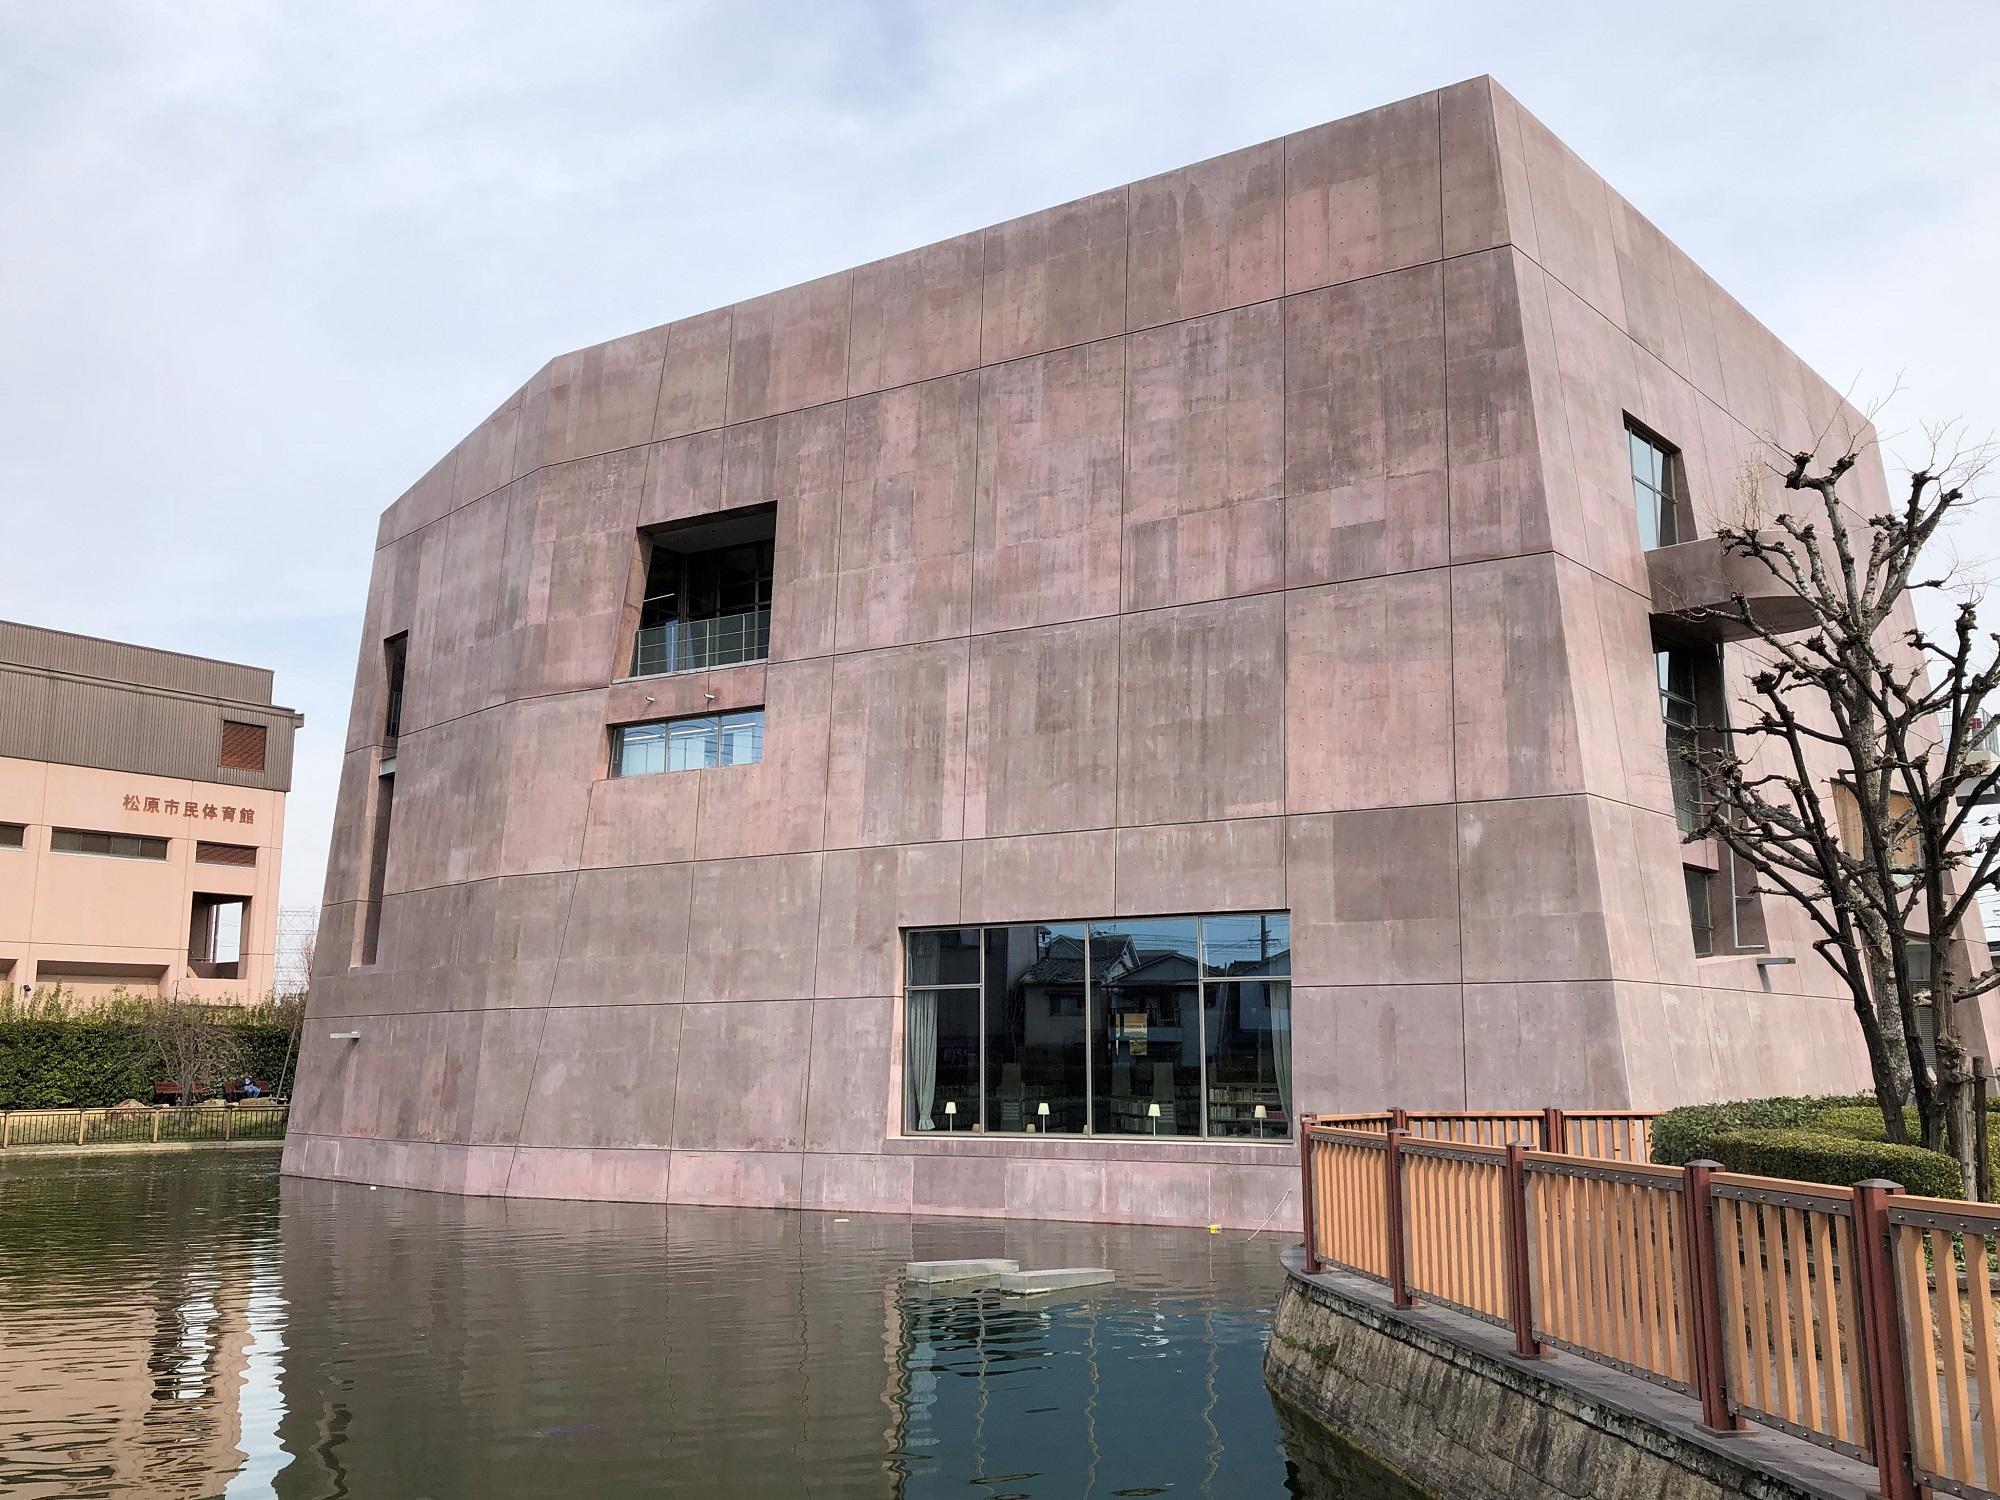 カラーコンクリート採用事例:松原市民松原図書館